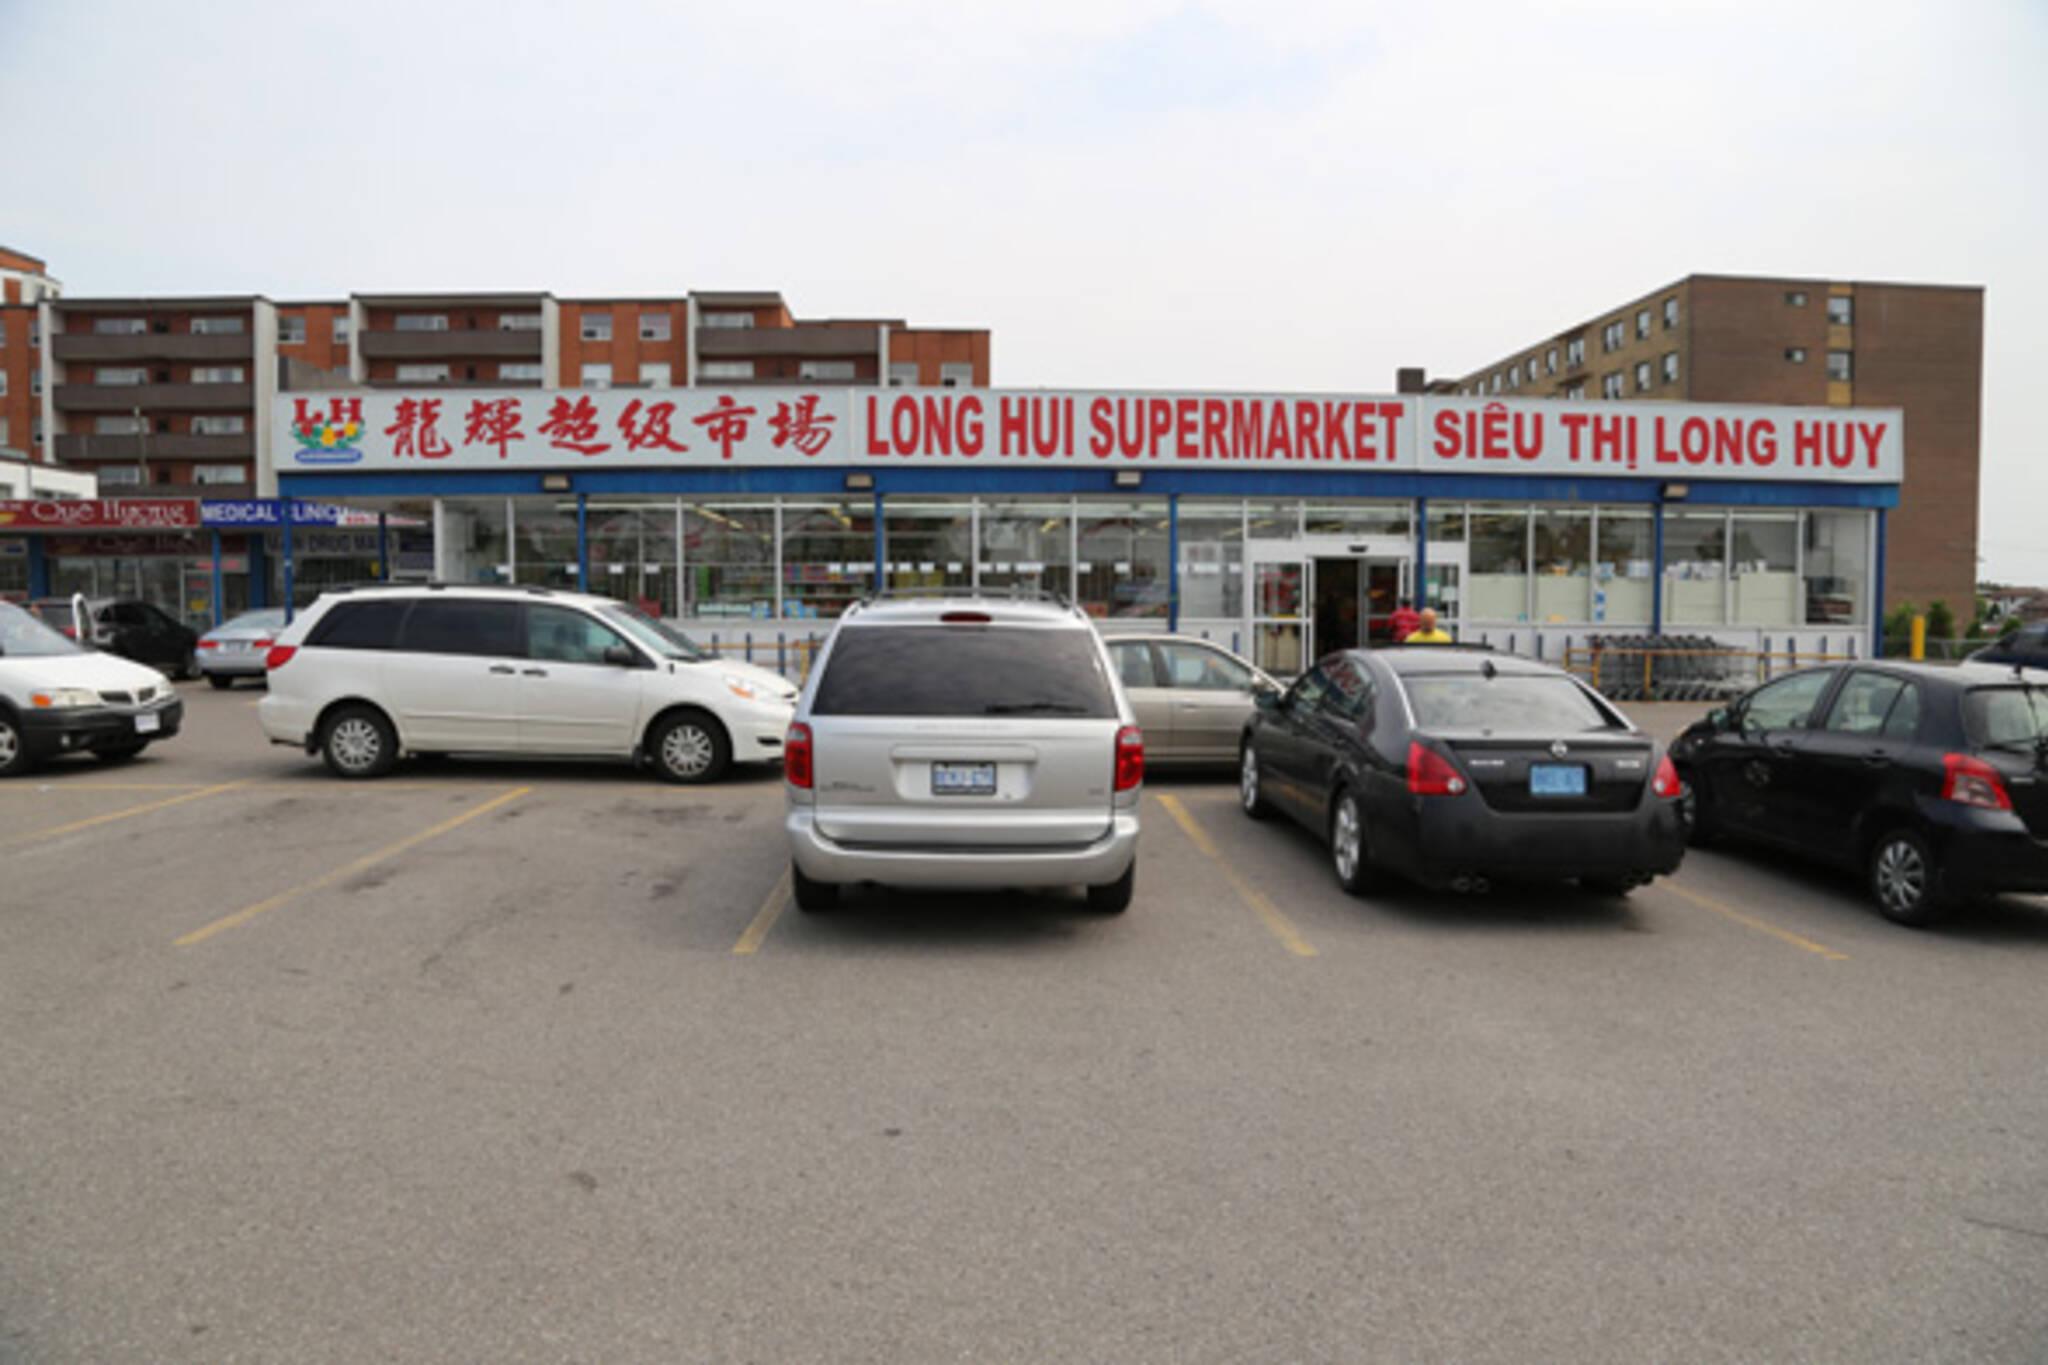 Long Hui Supermarket